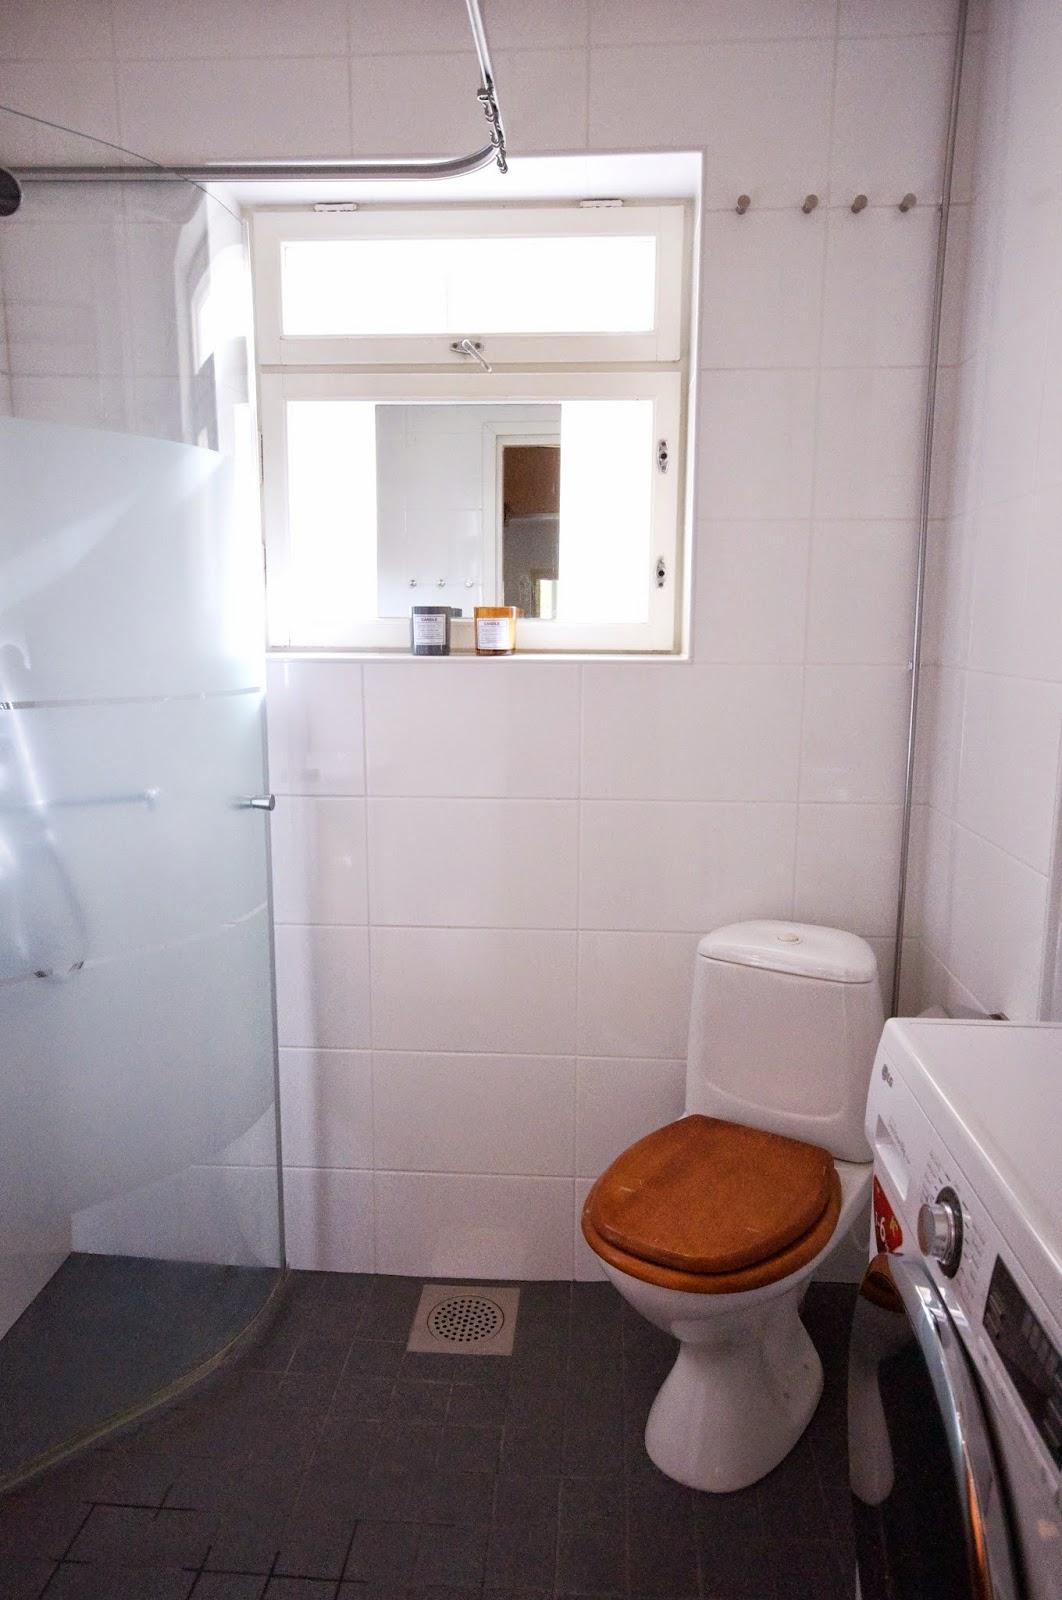 Badrum nytt badrum : Lilla Mias Stora Värld: Nytt badrum och hemma äntligen!